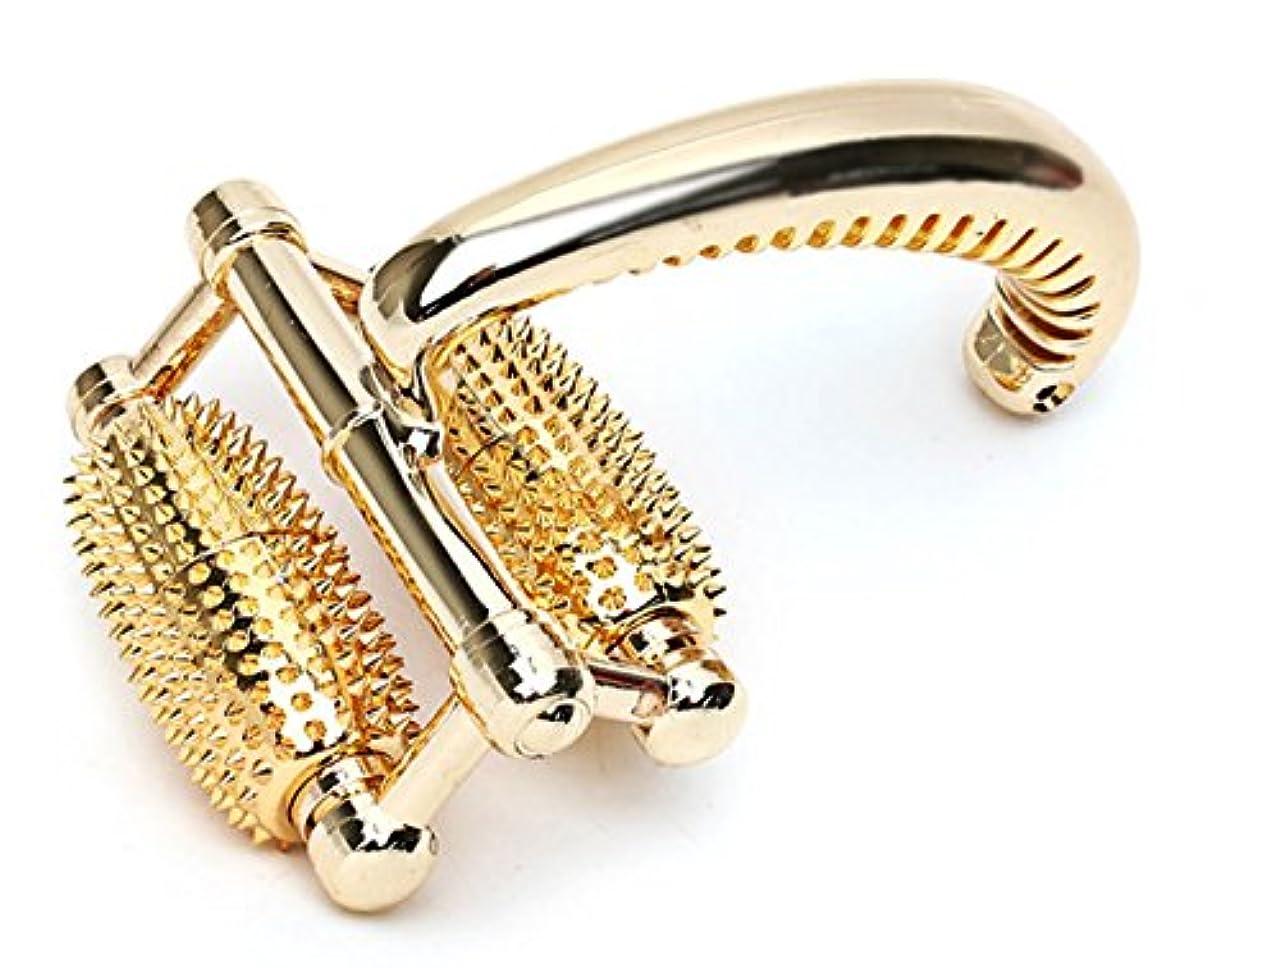 生産性つばローズSungjinABLE 金針ローラー 全身マッサージ器 ローラ 経穴点 指圧マッサージ機 手のひら 足 肩 首 アンマ機 海外直送品 (Gold Full Body Roller Massager Acupressure...